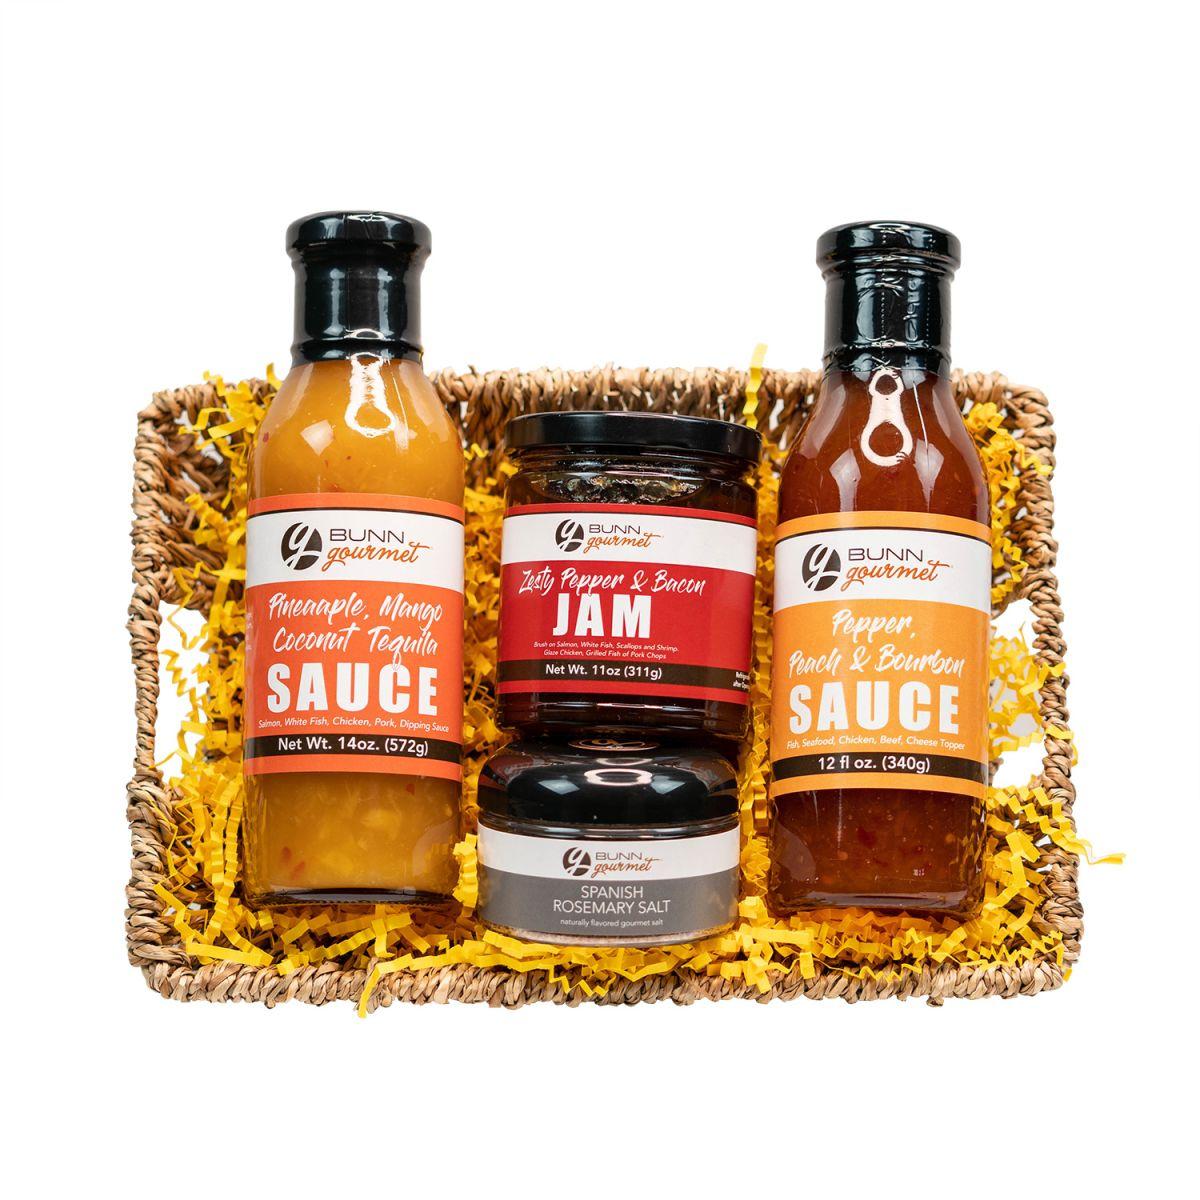 Gourmet Sauces  and Salt Gift Basket